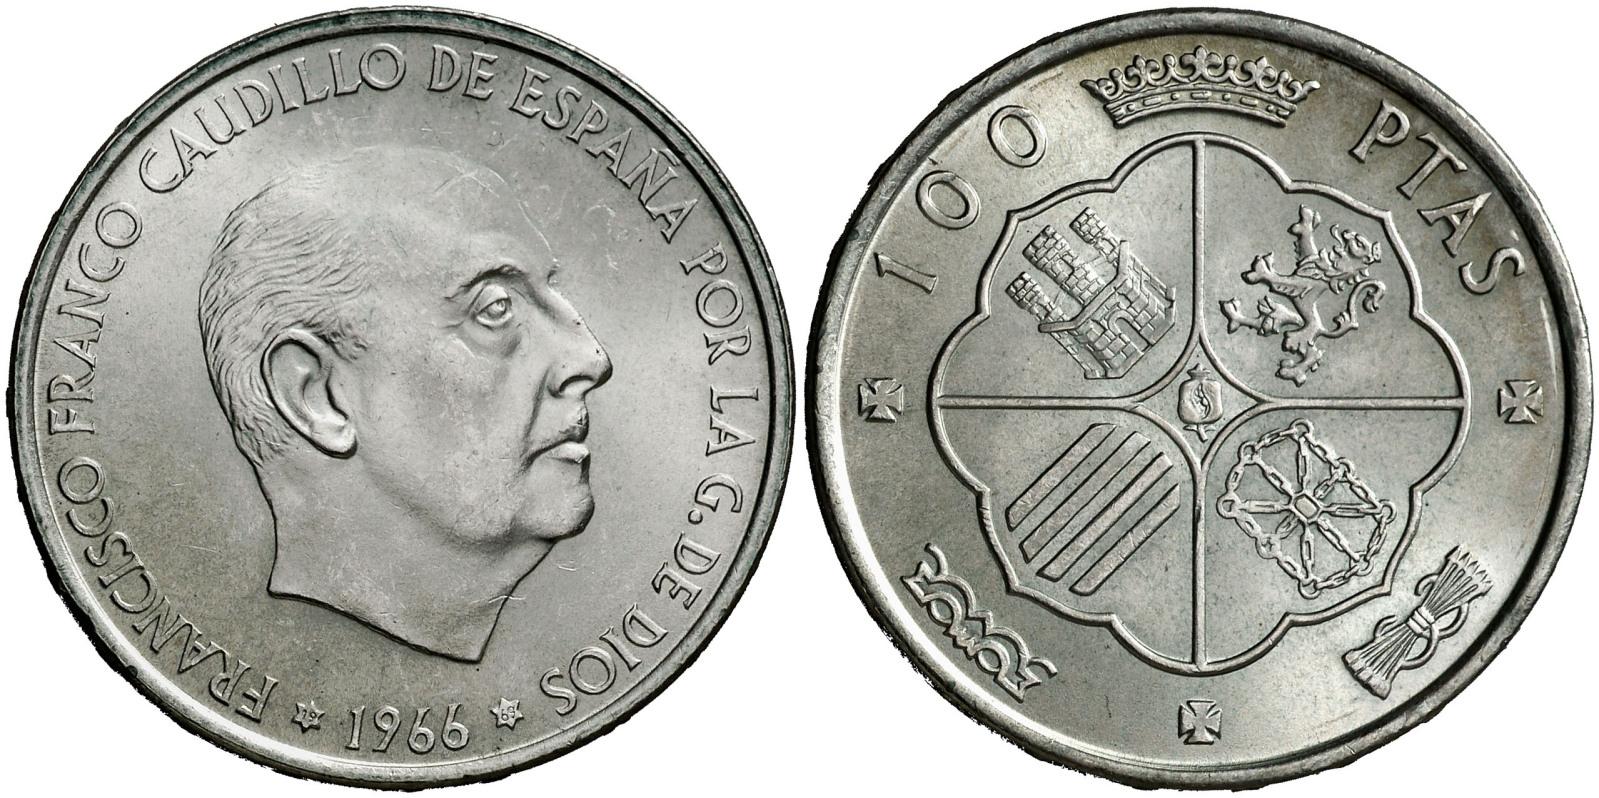 100 pesetas año 69 . Estado Español . estrella trucada?? - Página 2 2nixjt0